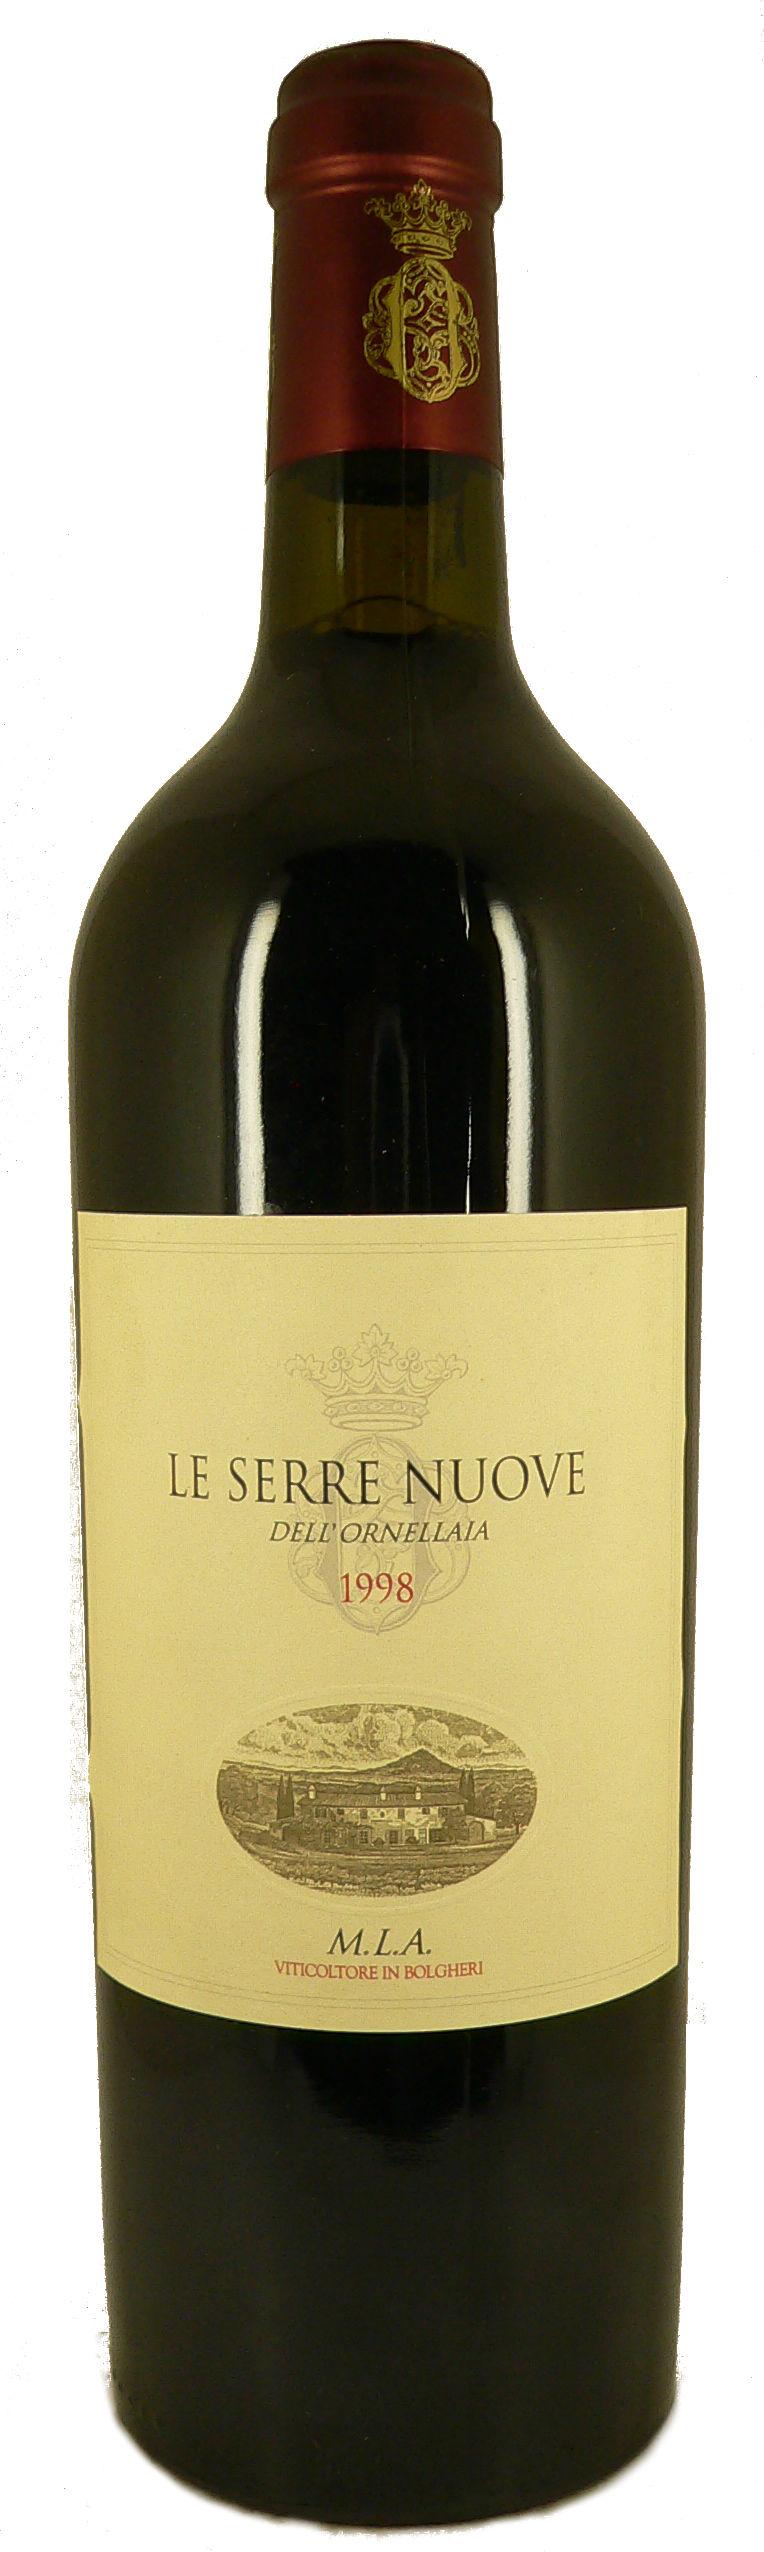 1998 Le Serre Nuove